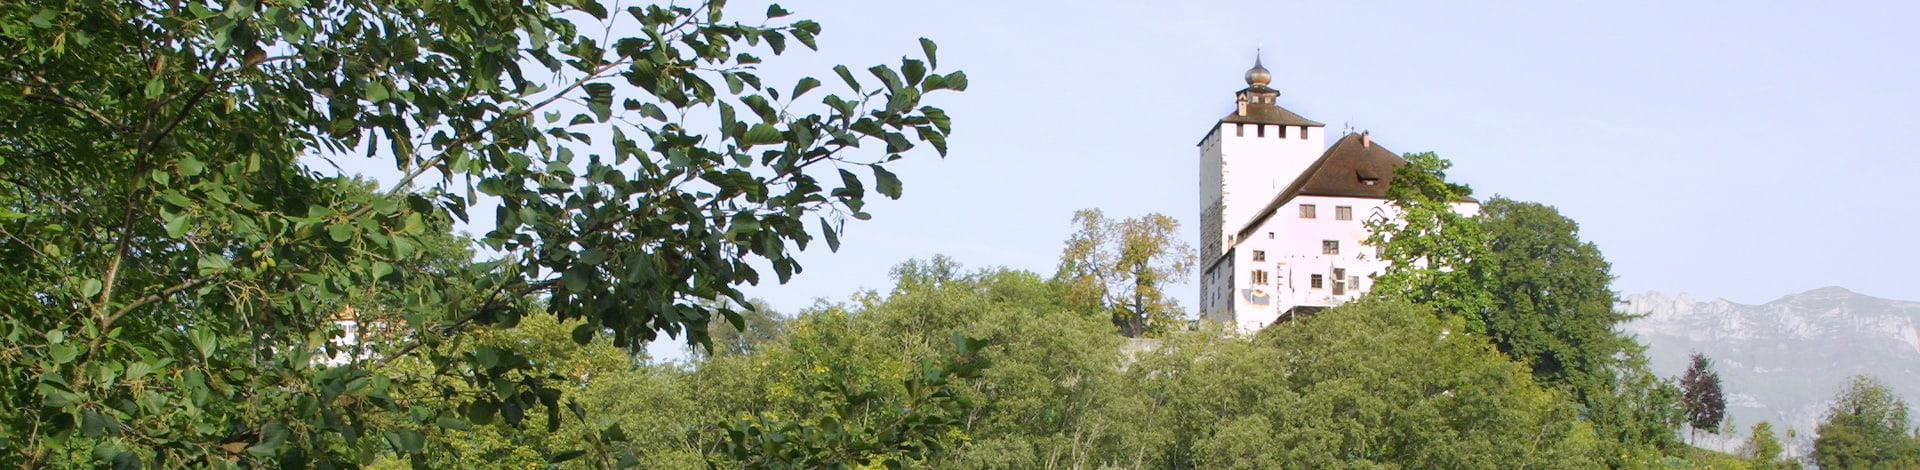 Schloss in Buchs-Sargans